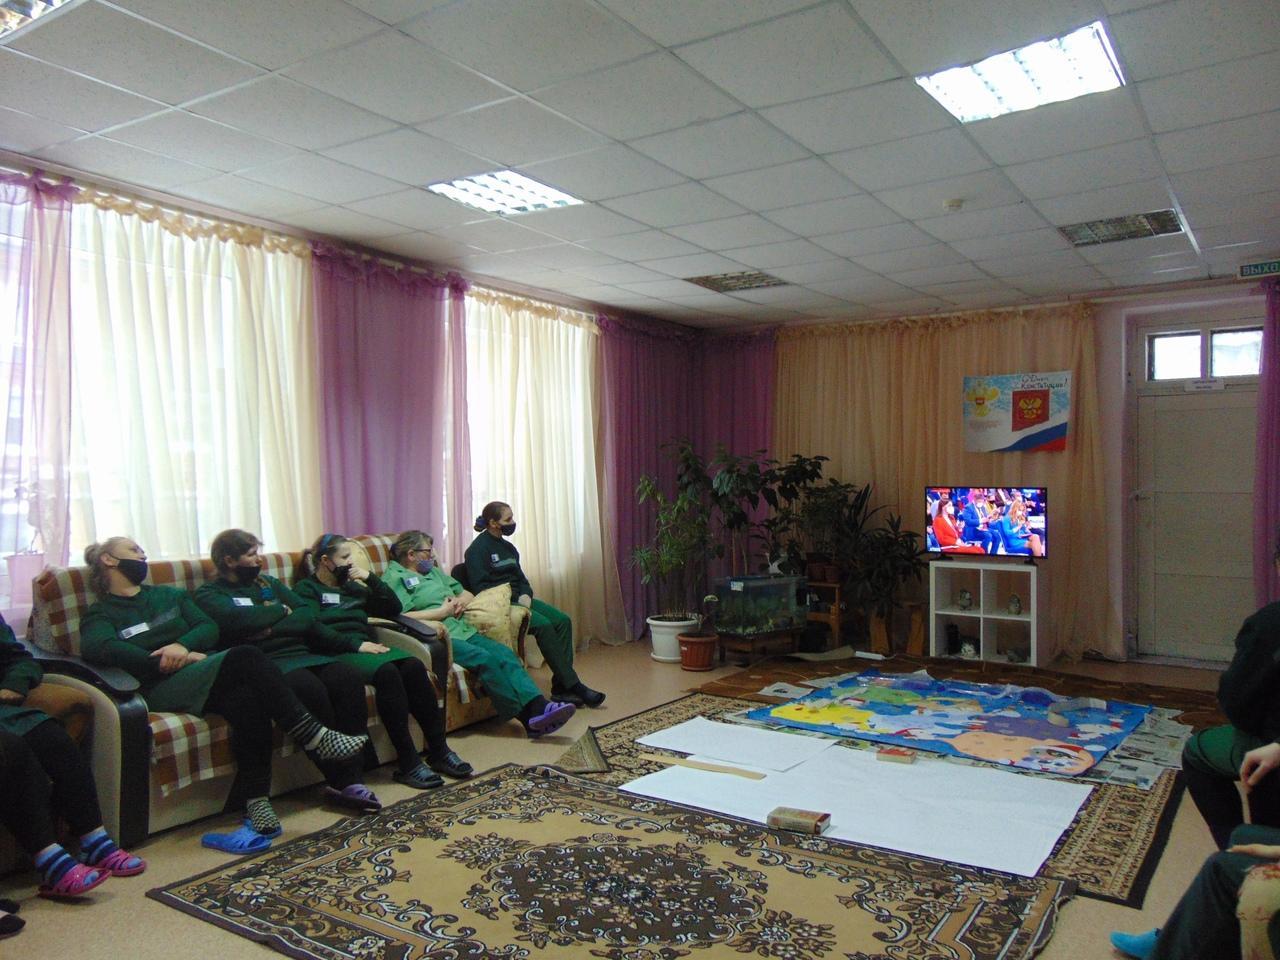 Фото Путин на экране: как котики, депутаты и дольщики в Новосибирске смотрят большую пресс-конференцию президента 8